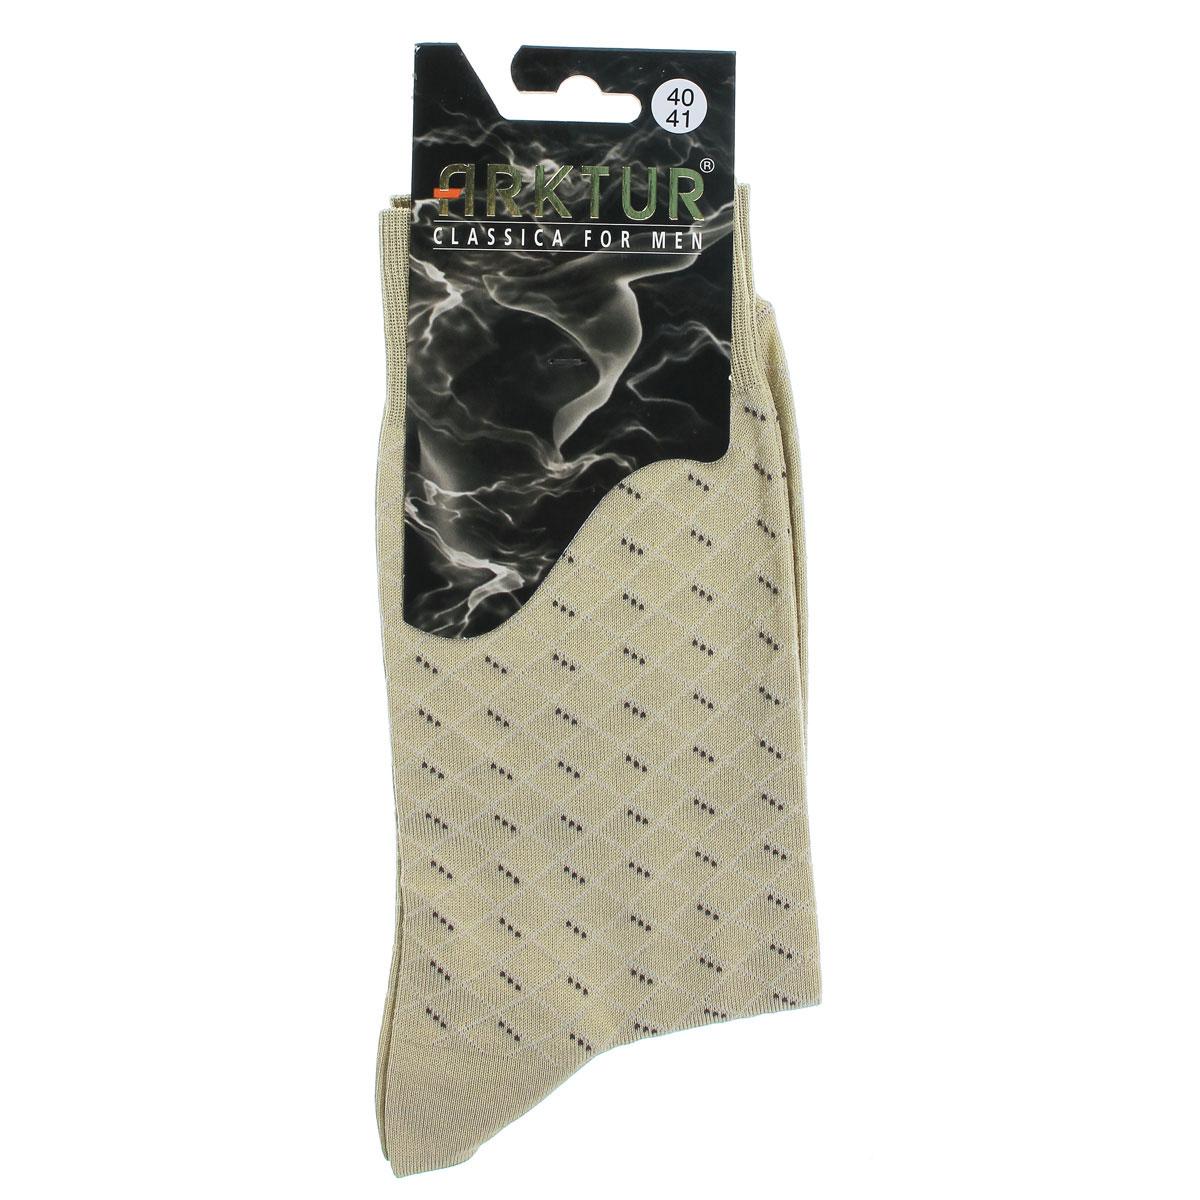 Носки мужские Arktur, цвет: бежевый. Л161. Размер 40/41Л161Мужские носки Arktur престижного класса. Носки превосходного качества из мерсеризованного хлопка отличаются гладкой текстурой и шелковистостью, что создает приятное ощущение нежности и прохлады. Эргономичная резинка пресс-контроль комфортно облегает ногу. Носки обладают повышенной прочностью, не подвержены усадке. Усиленная пятка и мысок. Удлиненный паголенок.Идеальное сочетание практичности, комфорта и элегантности!